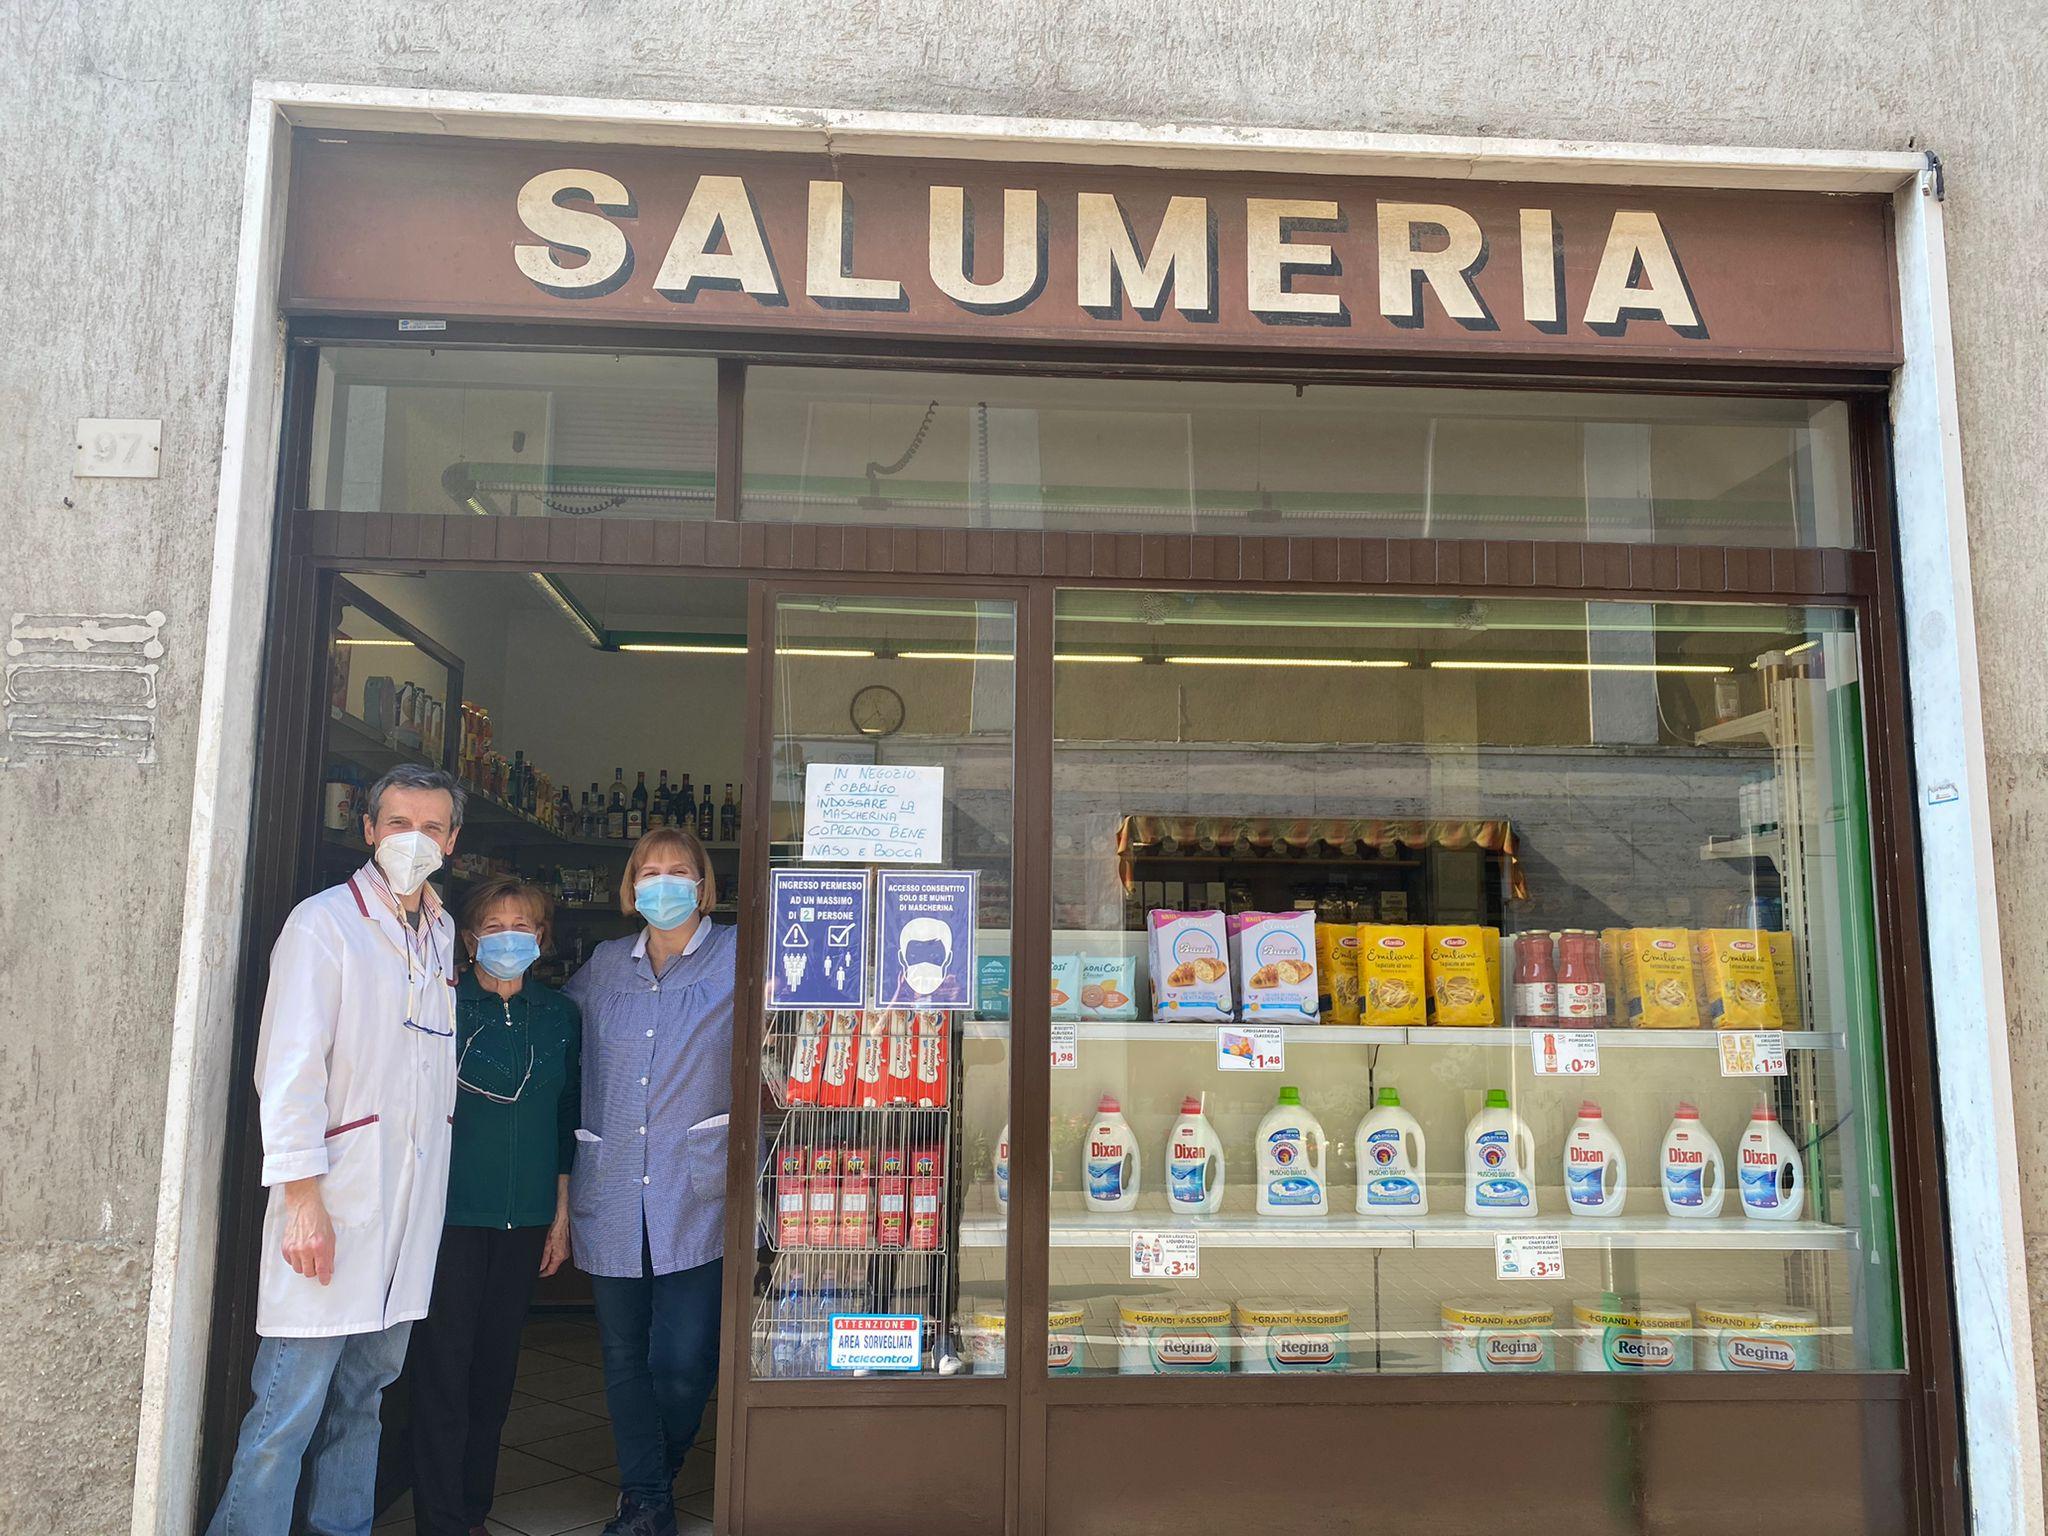 Salumeria Pegoraro